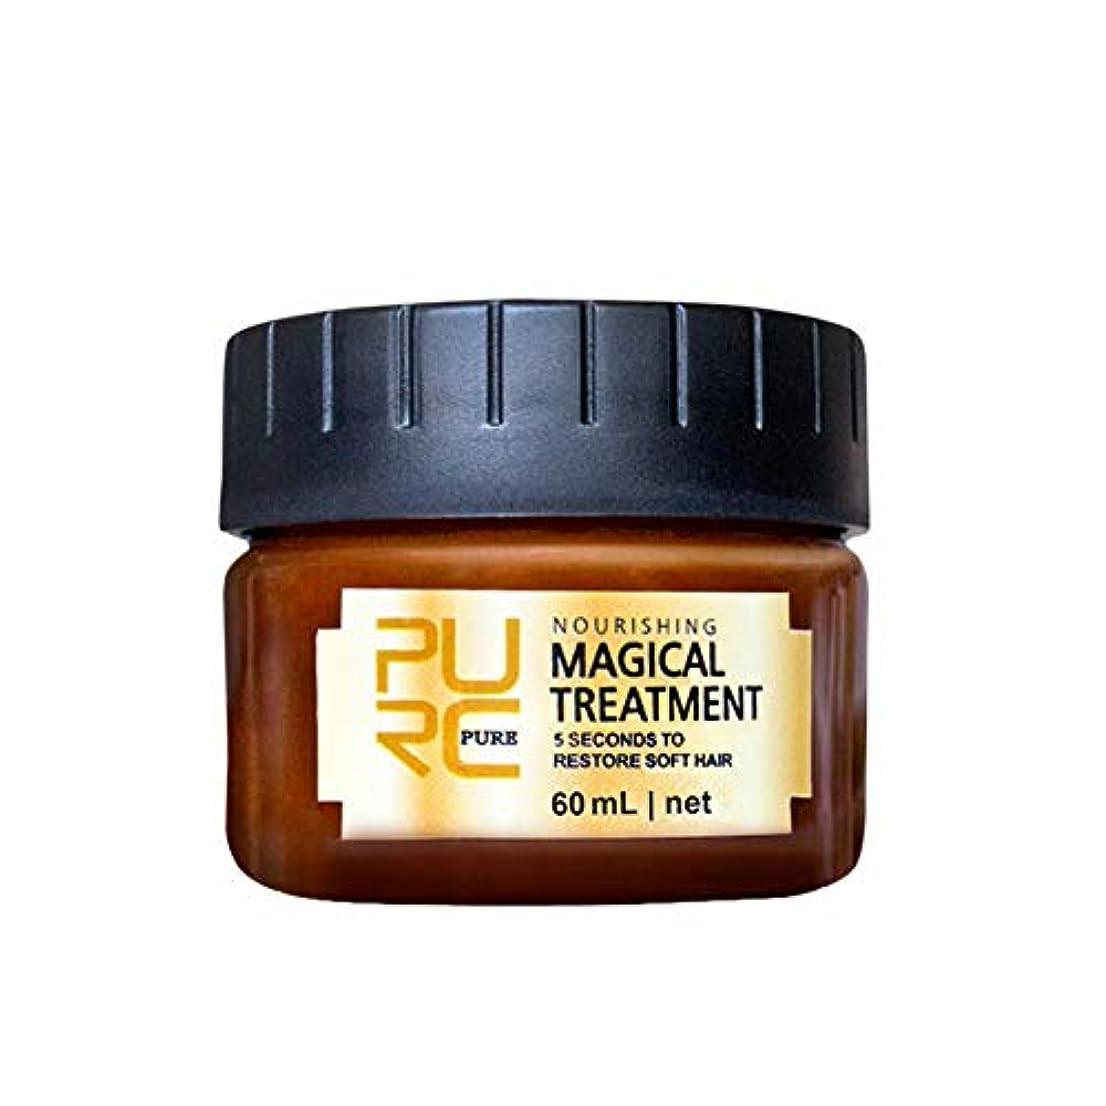 レイア強盗フレームワークヘアリペアマスク栄養障害のある髪と頭皮の栄養スムージングヘアコンディショナープロフェッショナルヘアディープコンディショナーの改善髪の保湿60ml